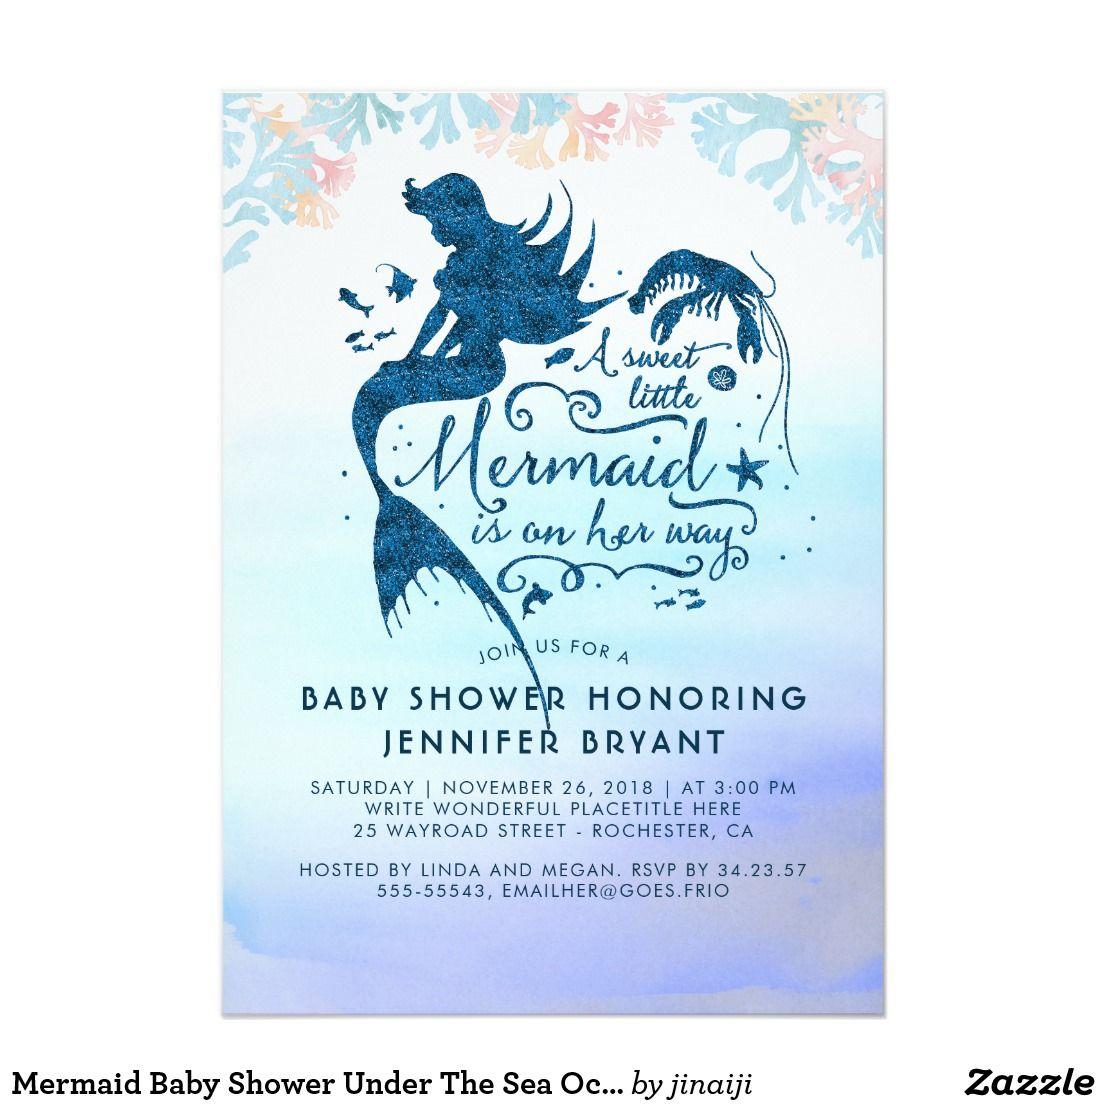 Mermaid Baby Shower Under The Sea Ocean Invitation   Mermaid baby ...